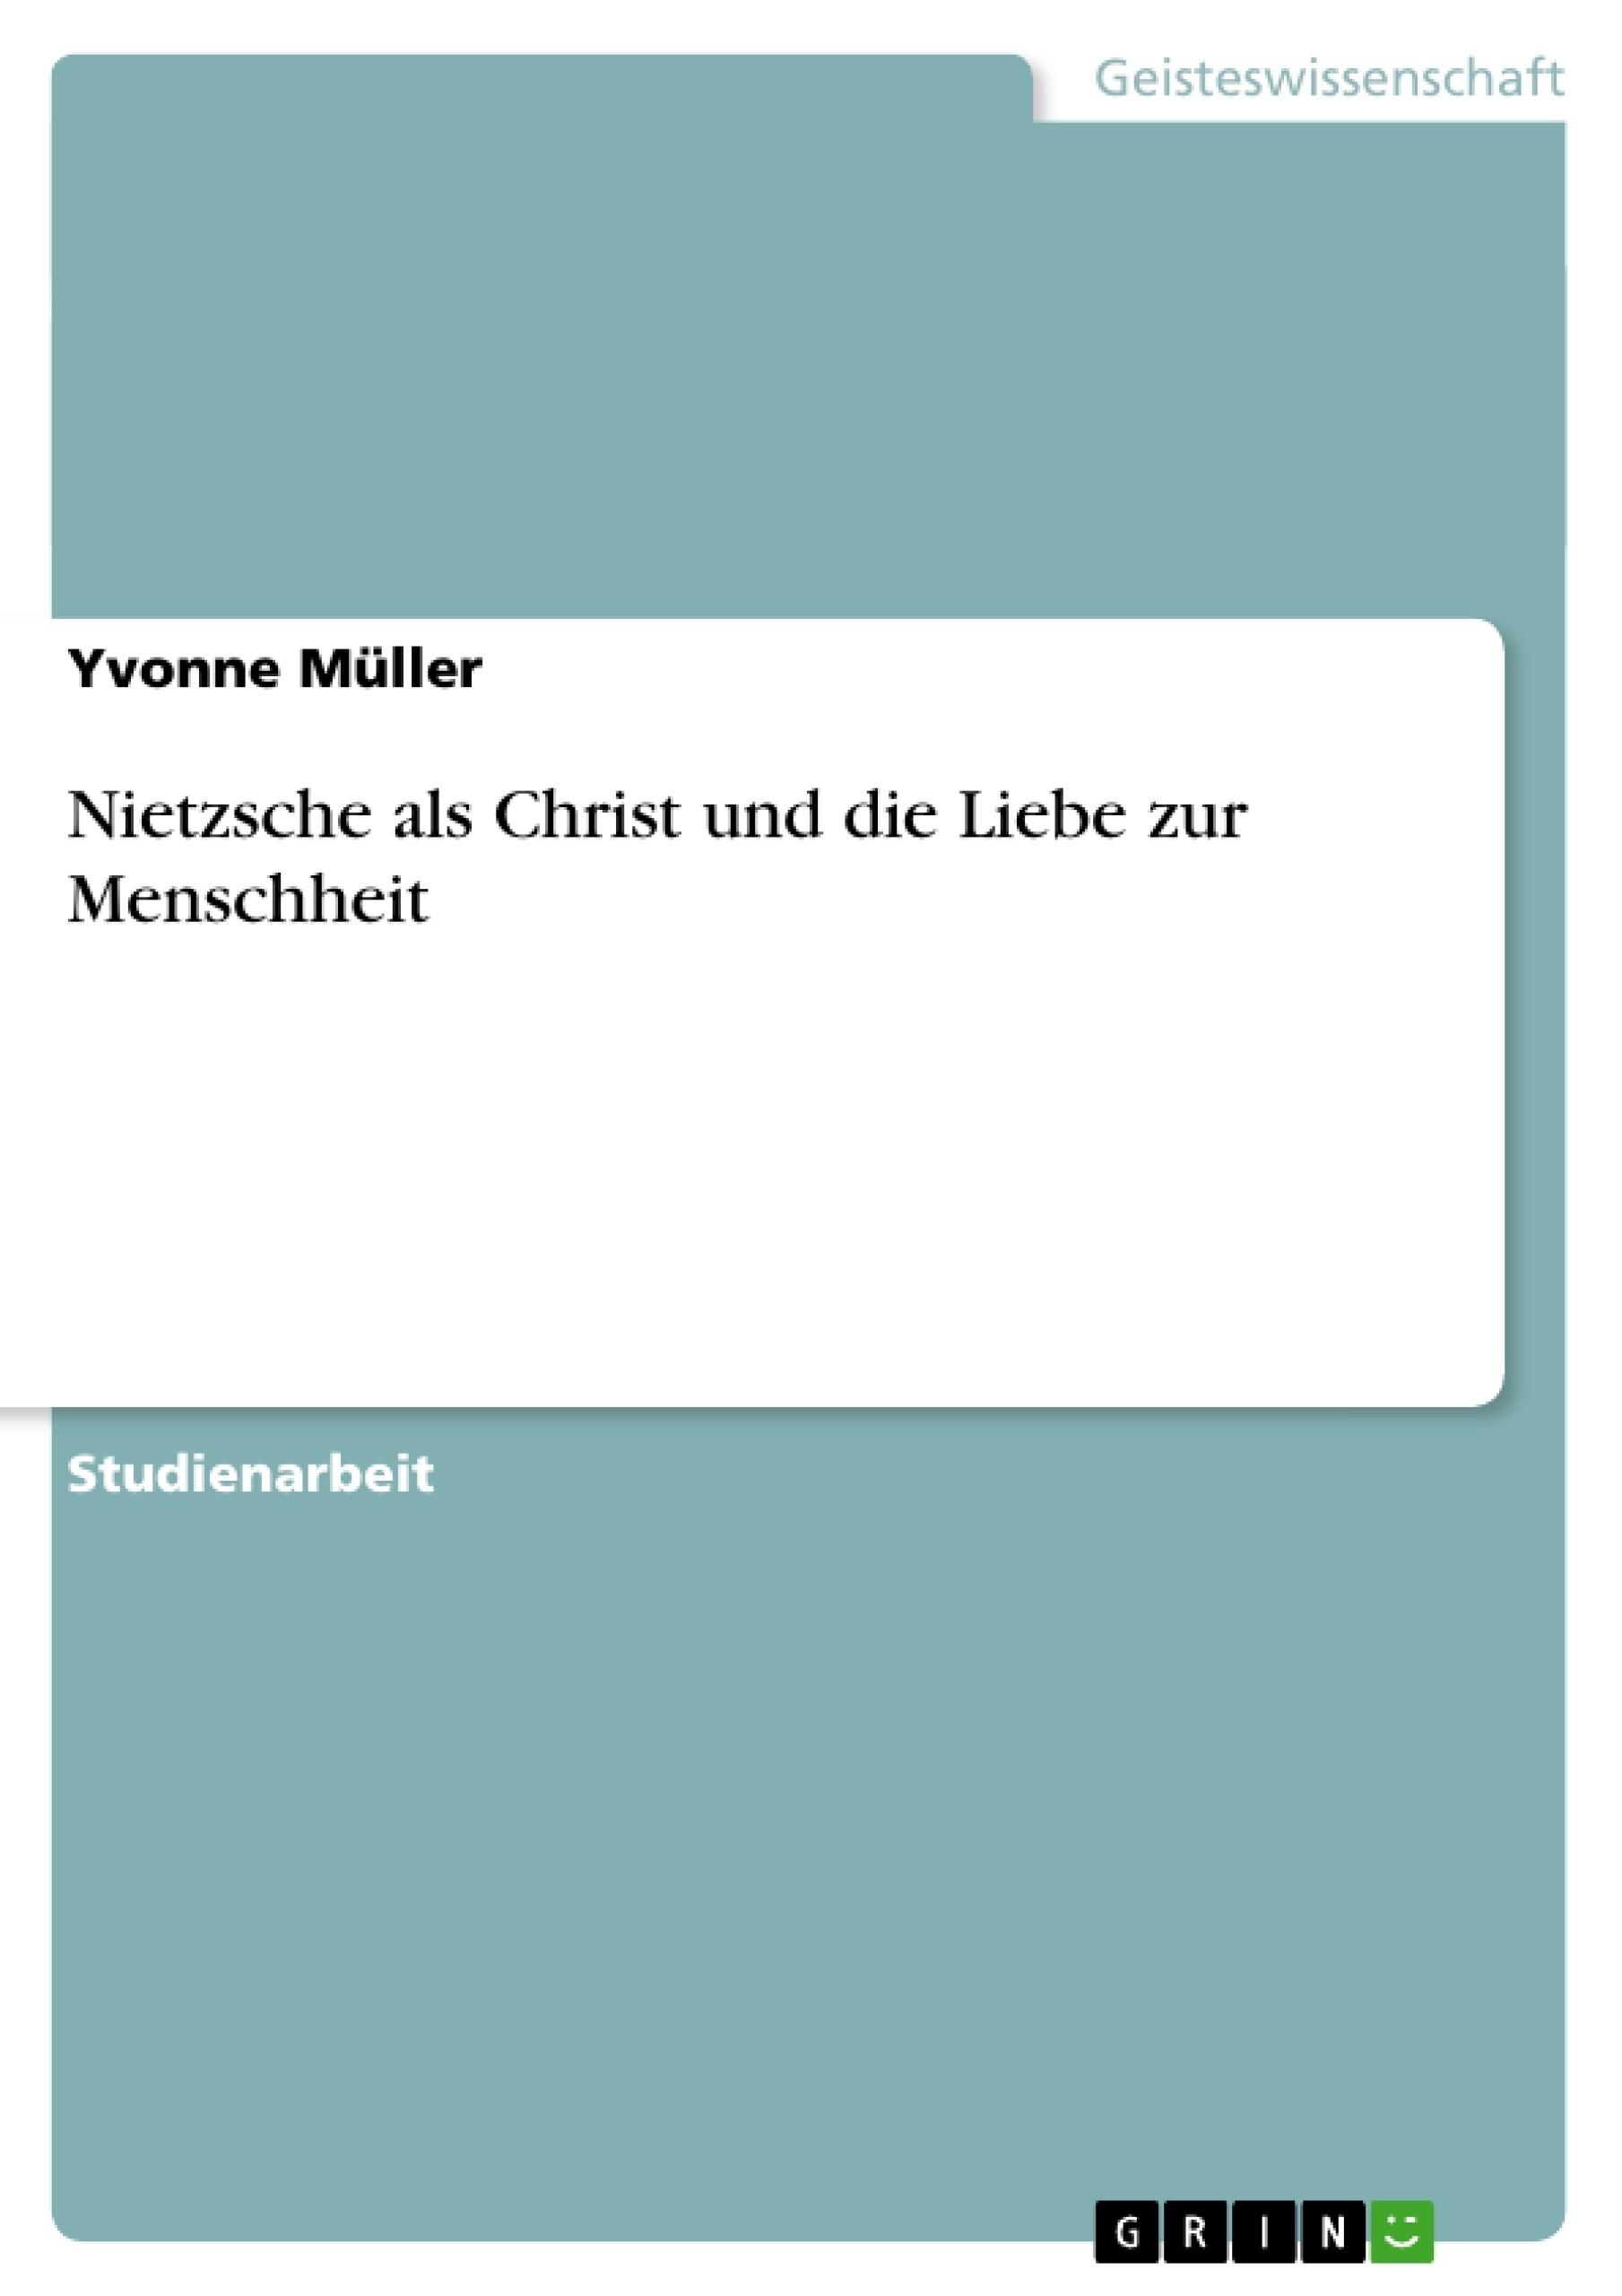 Titel: Nietzsche als Christ und die Liebe zur Menschheit